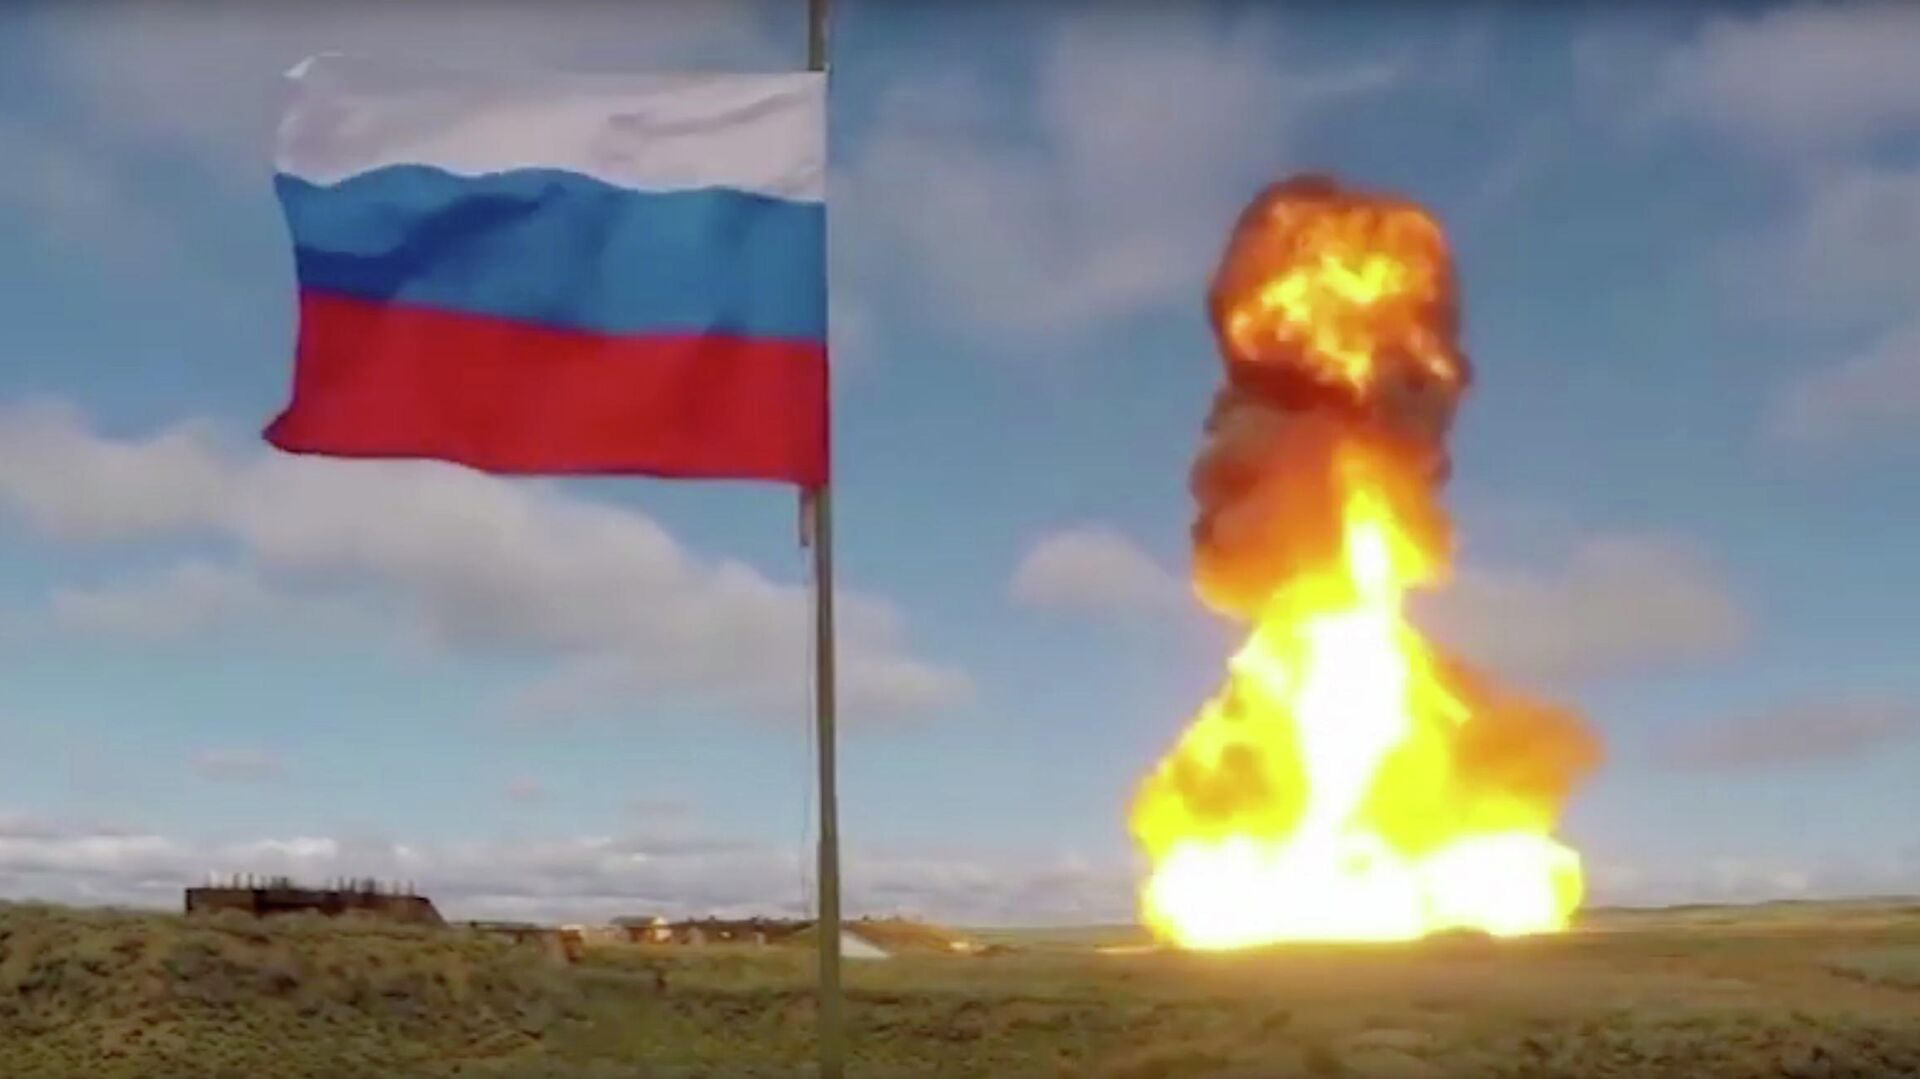 Войска противовоздушной и противоракетной обороны ВКС успешно провели испытательный пуск новой ракеты системы ПРО на полигоне Сары-Шаган в Казахстане - РИА Новости, 1920, 17.09.2021